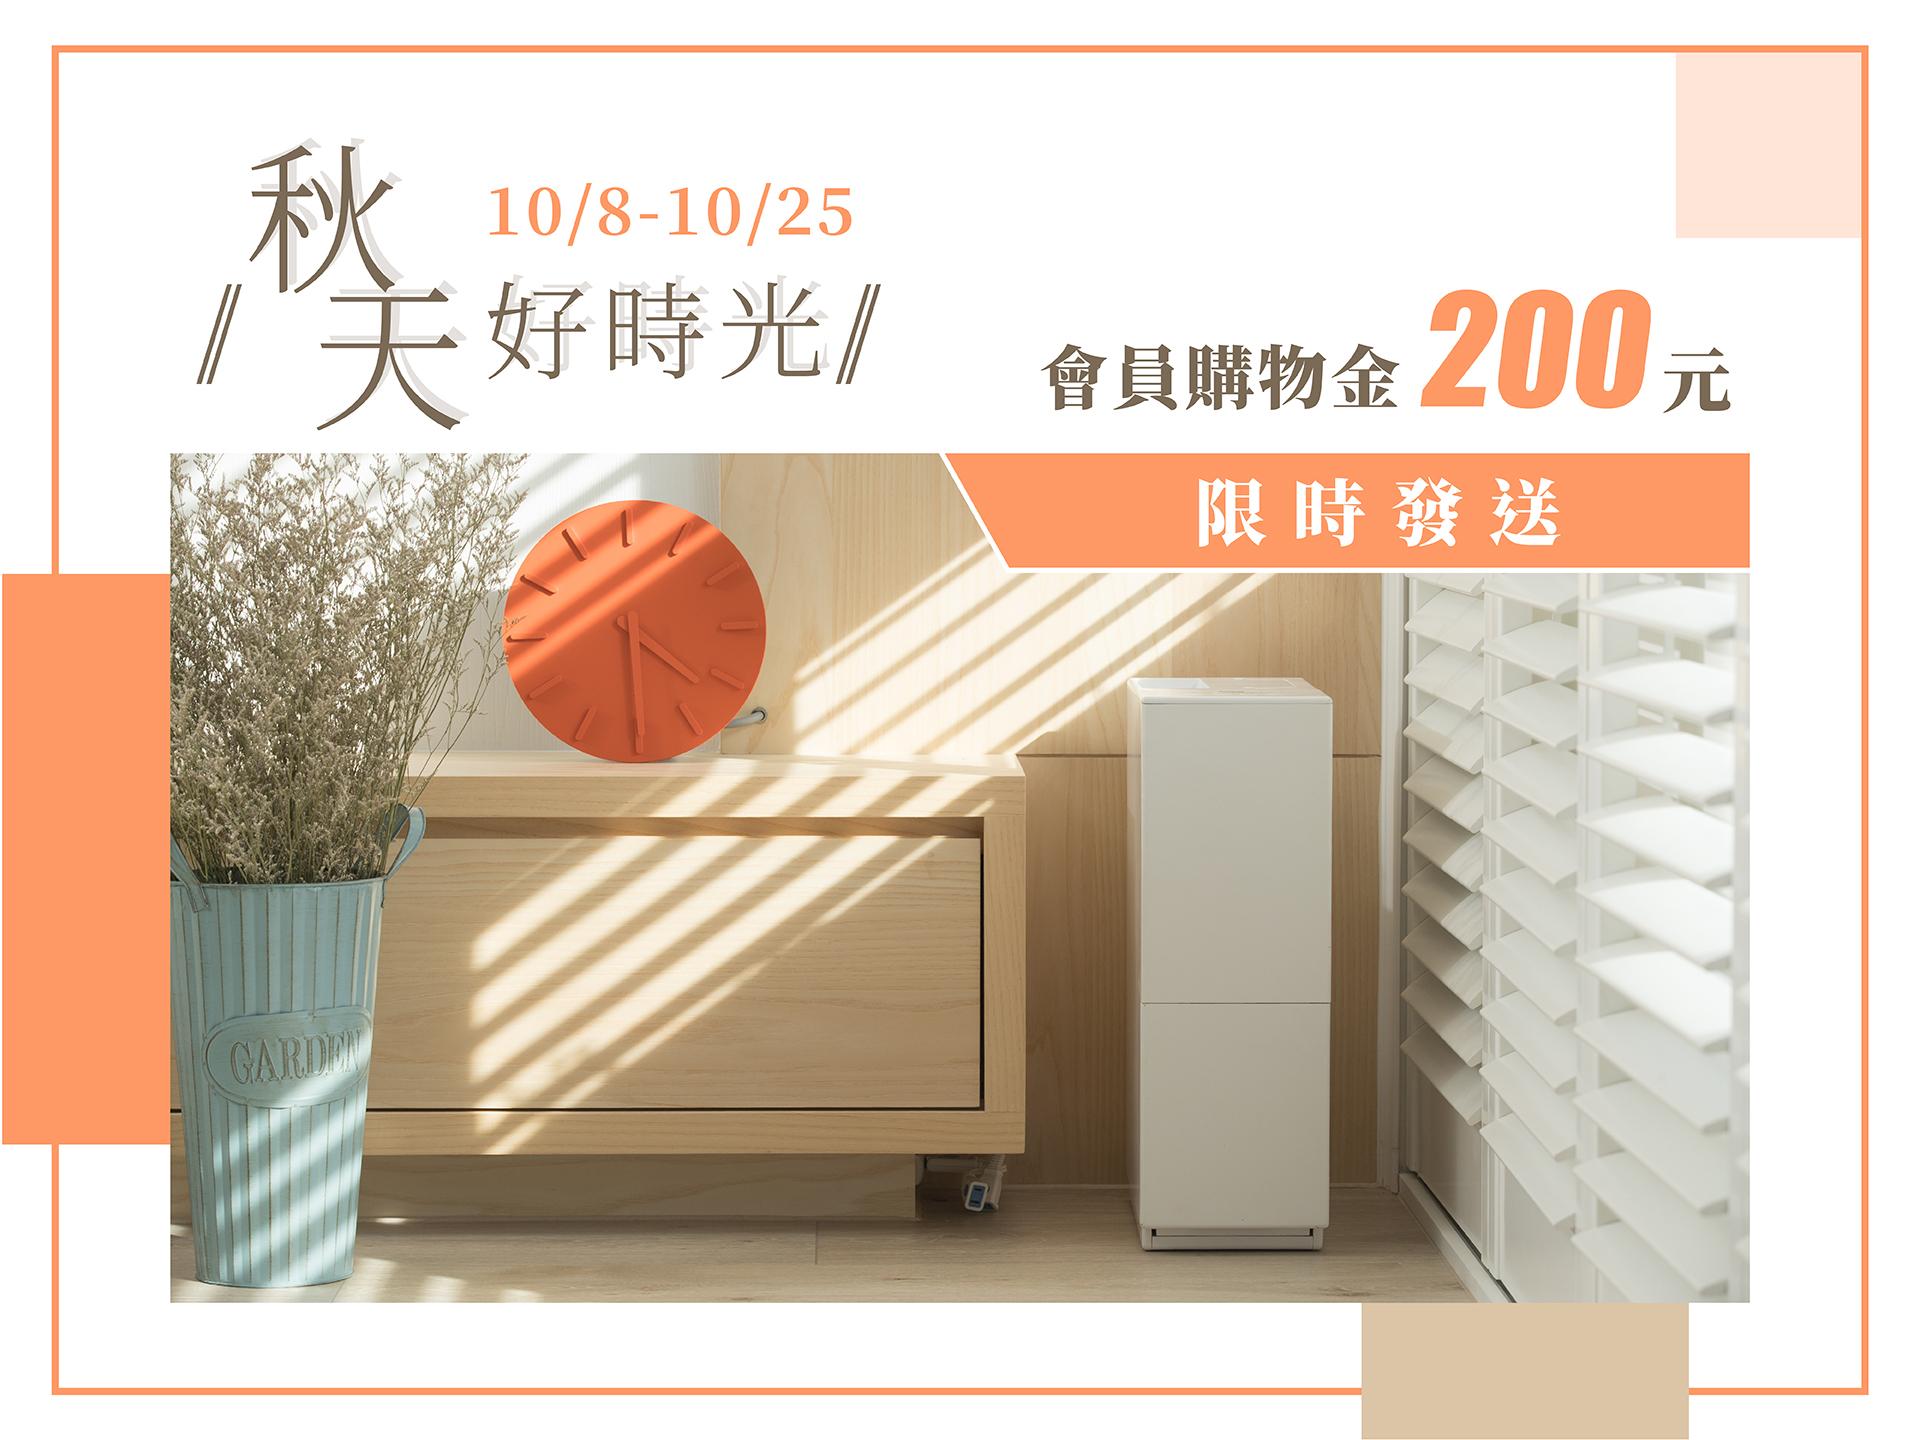 【快閃限定】秋日好時光▸會員獨家送200元購物金!